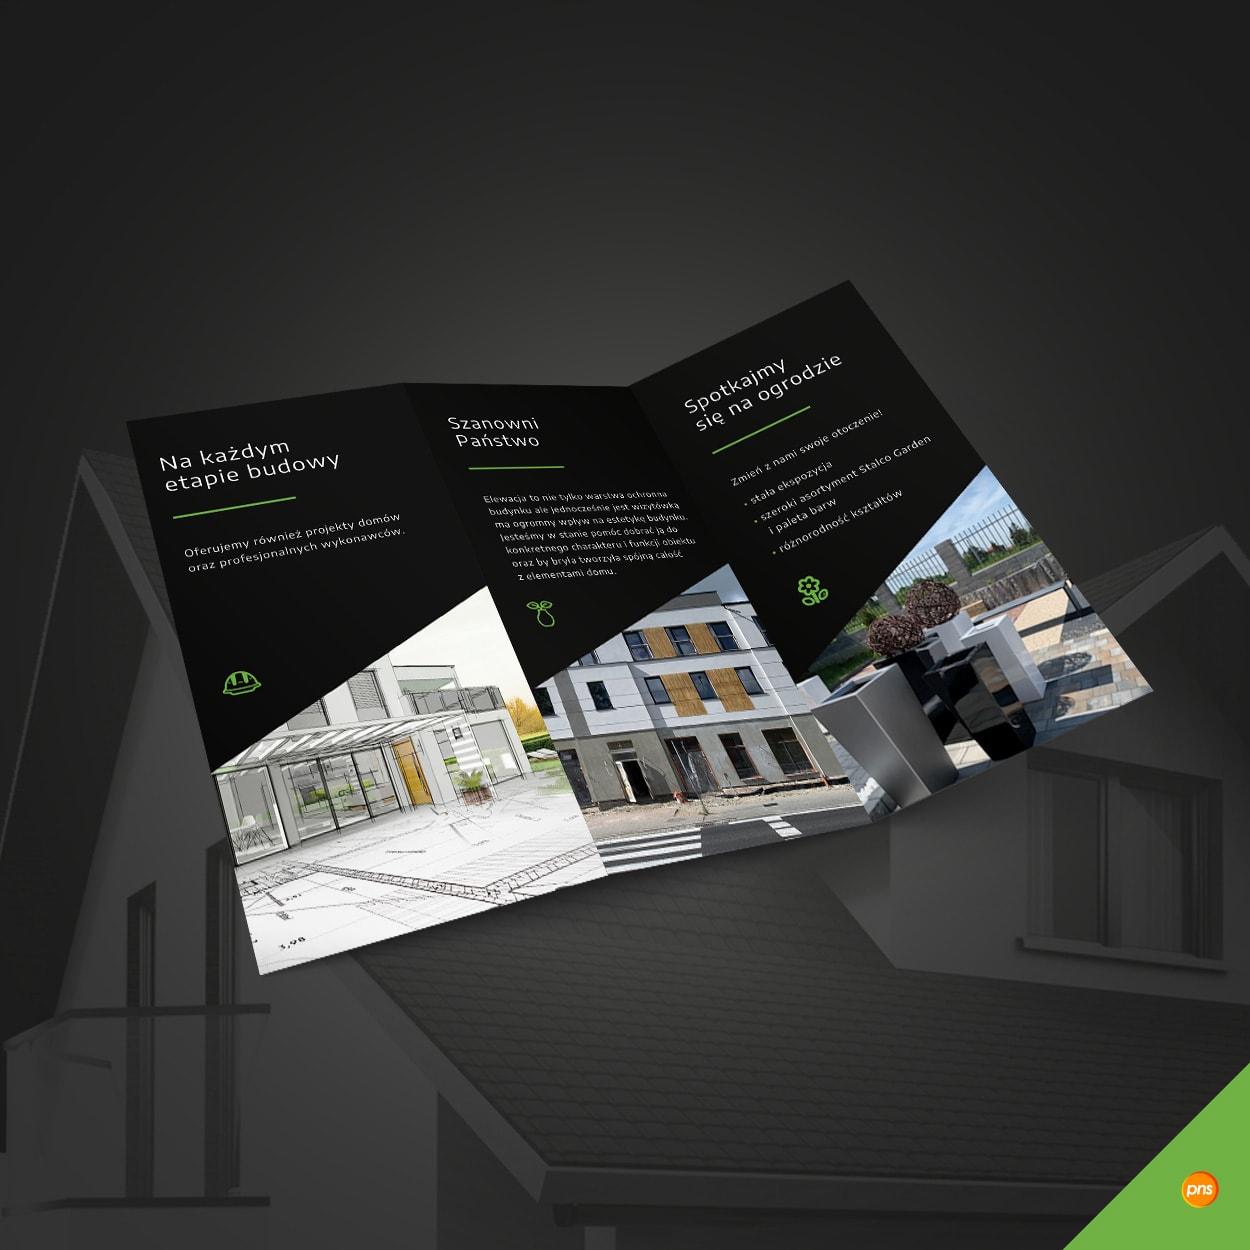 projekt graficzny ulotki dl firma budowlana nula 2 - Projekt ulotki reklamowej dla hurtowni budowlanej - Nula